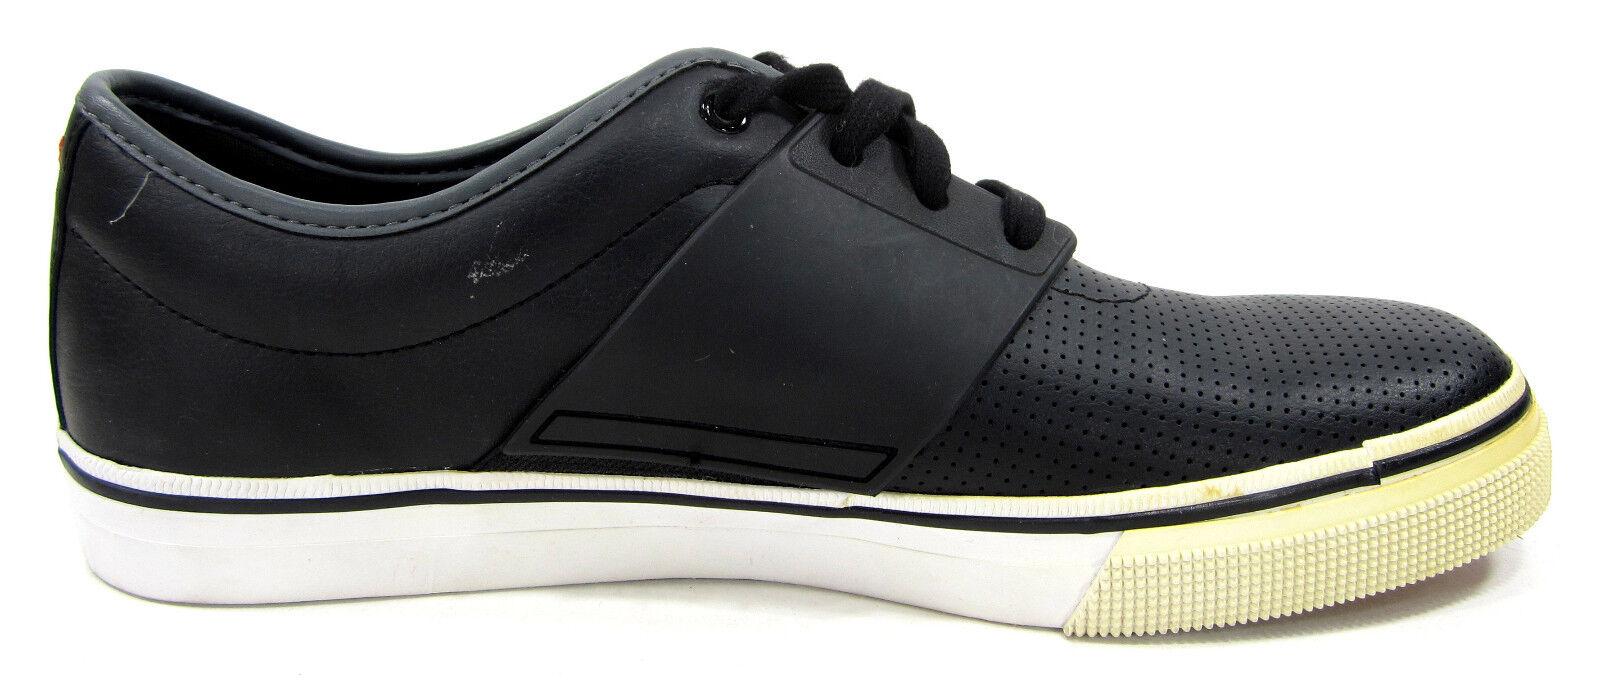 Puma - schuhe el ace größe perforierte leder schwarz turnschuhe größe ace 9,5 9ffacb